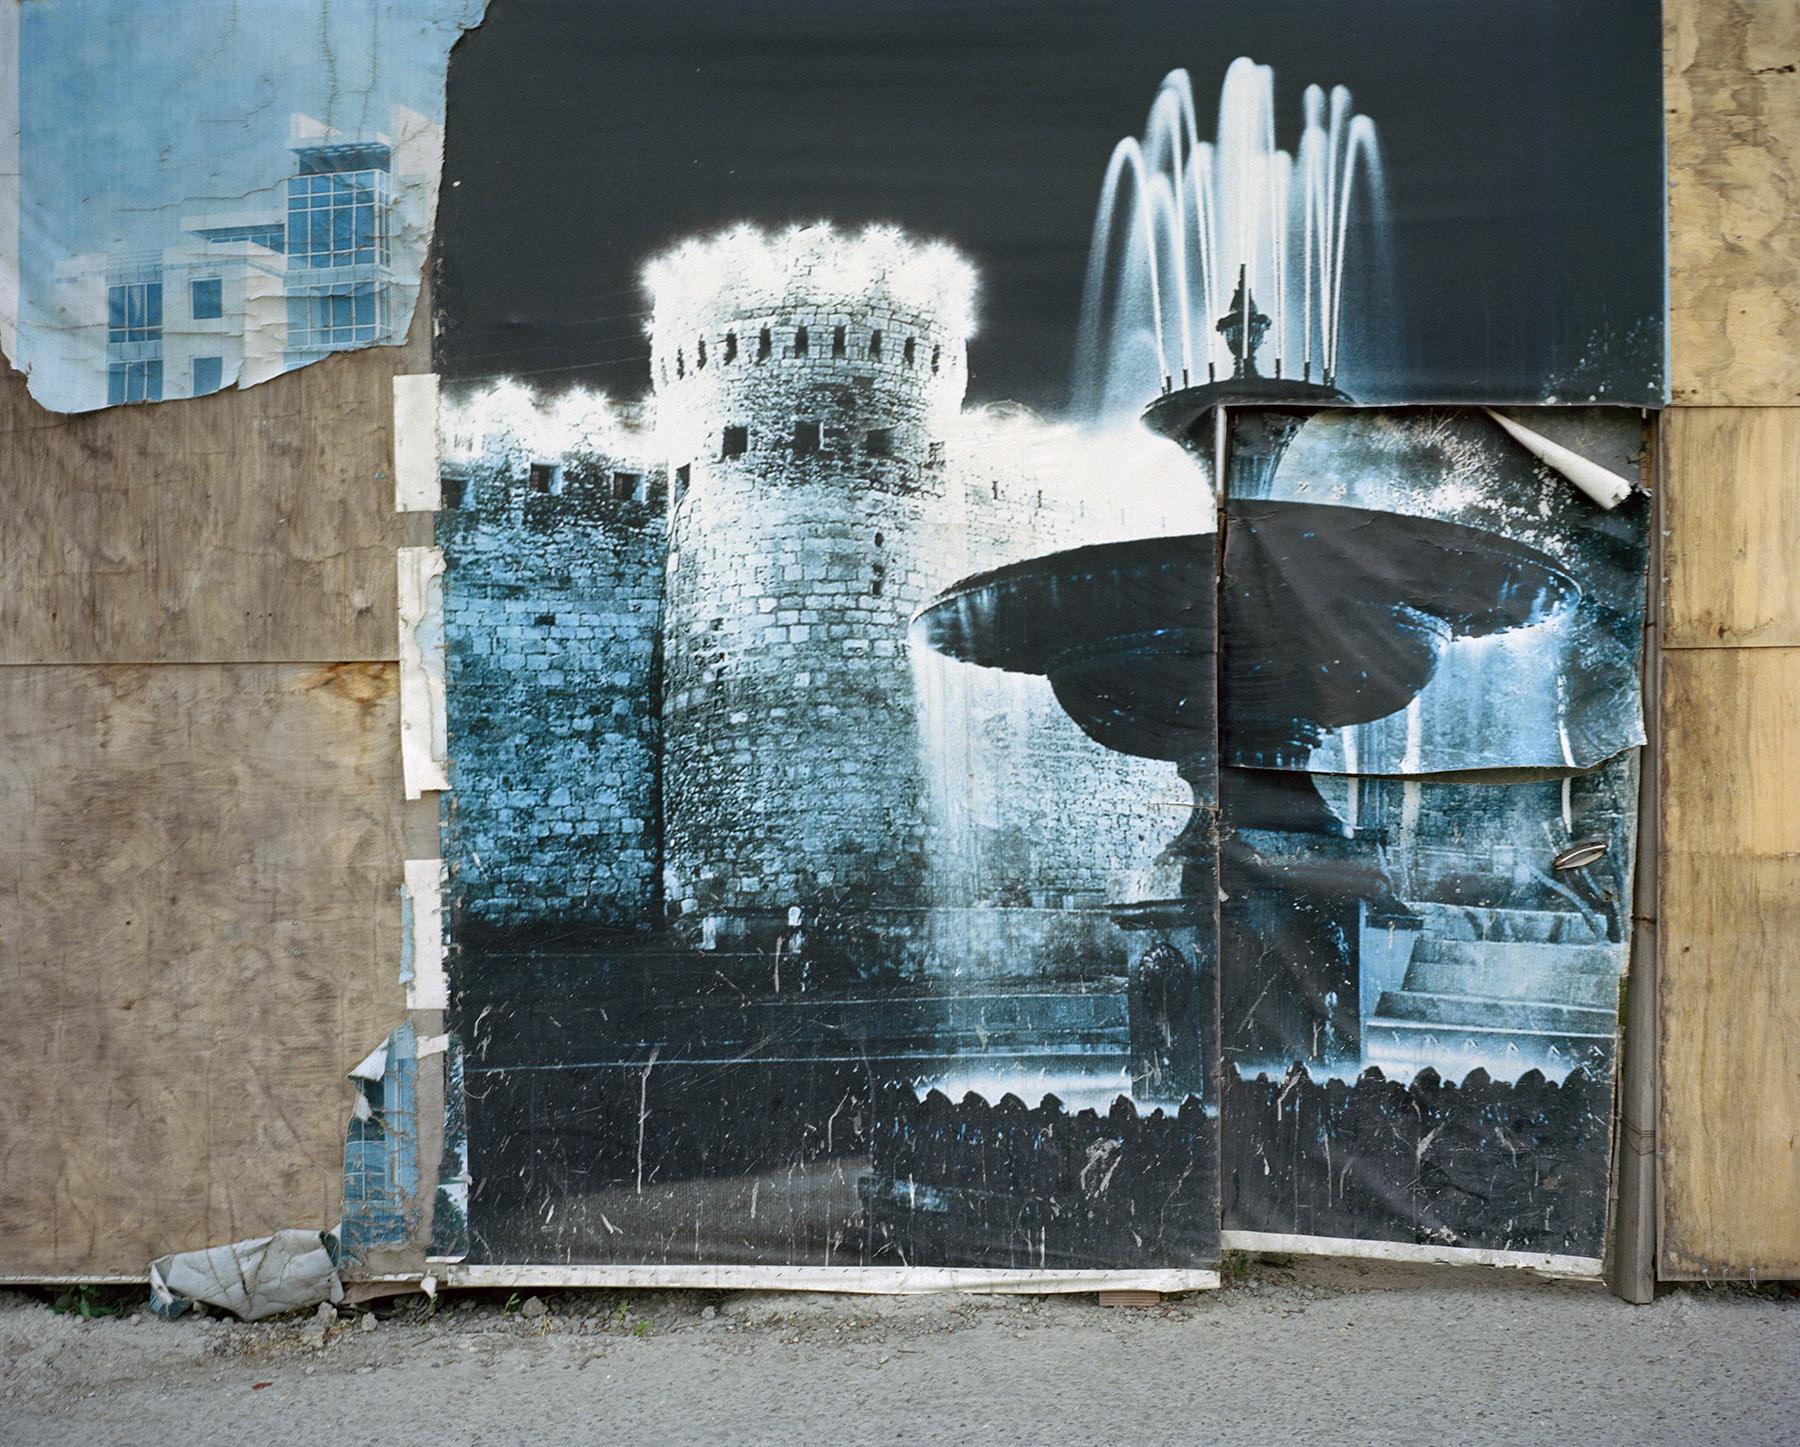 2015 год: Четырёхметровые высокие стены из песчаника простираются вдоль всех основных магистралей Баку и за его пределами. Между тем, недавно приобретённые участки или «большие перспективы» находятся под охраной или за оградами, обклеенными низкокачественной рекламой, изображающей достопримечательности страны — в данном случае — две гордости Баку: Девичью башню и близлежащие фонтаны.